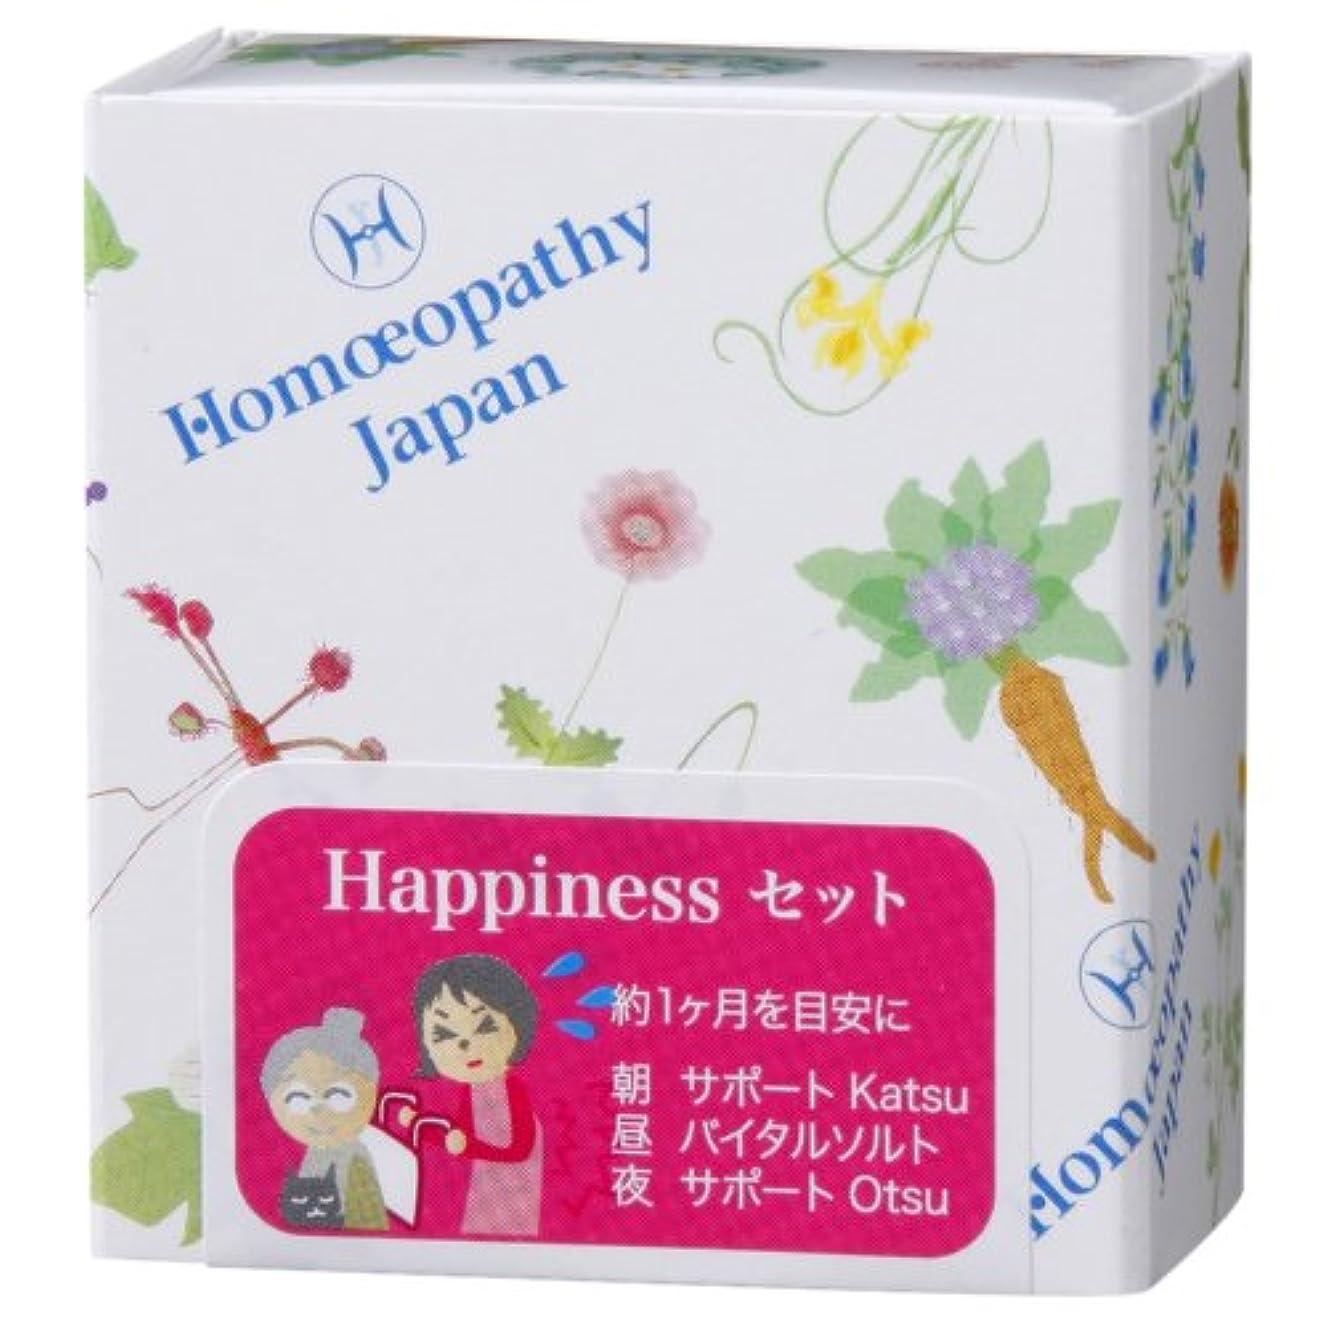 書き込み入る水差しホメオパシージャパンレメディー Happinessセット